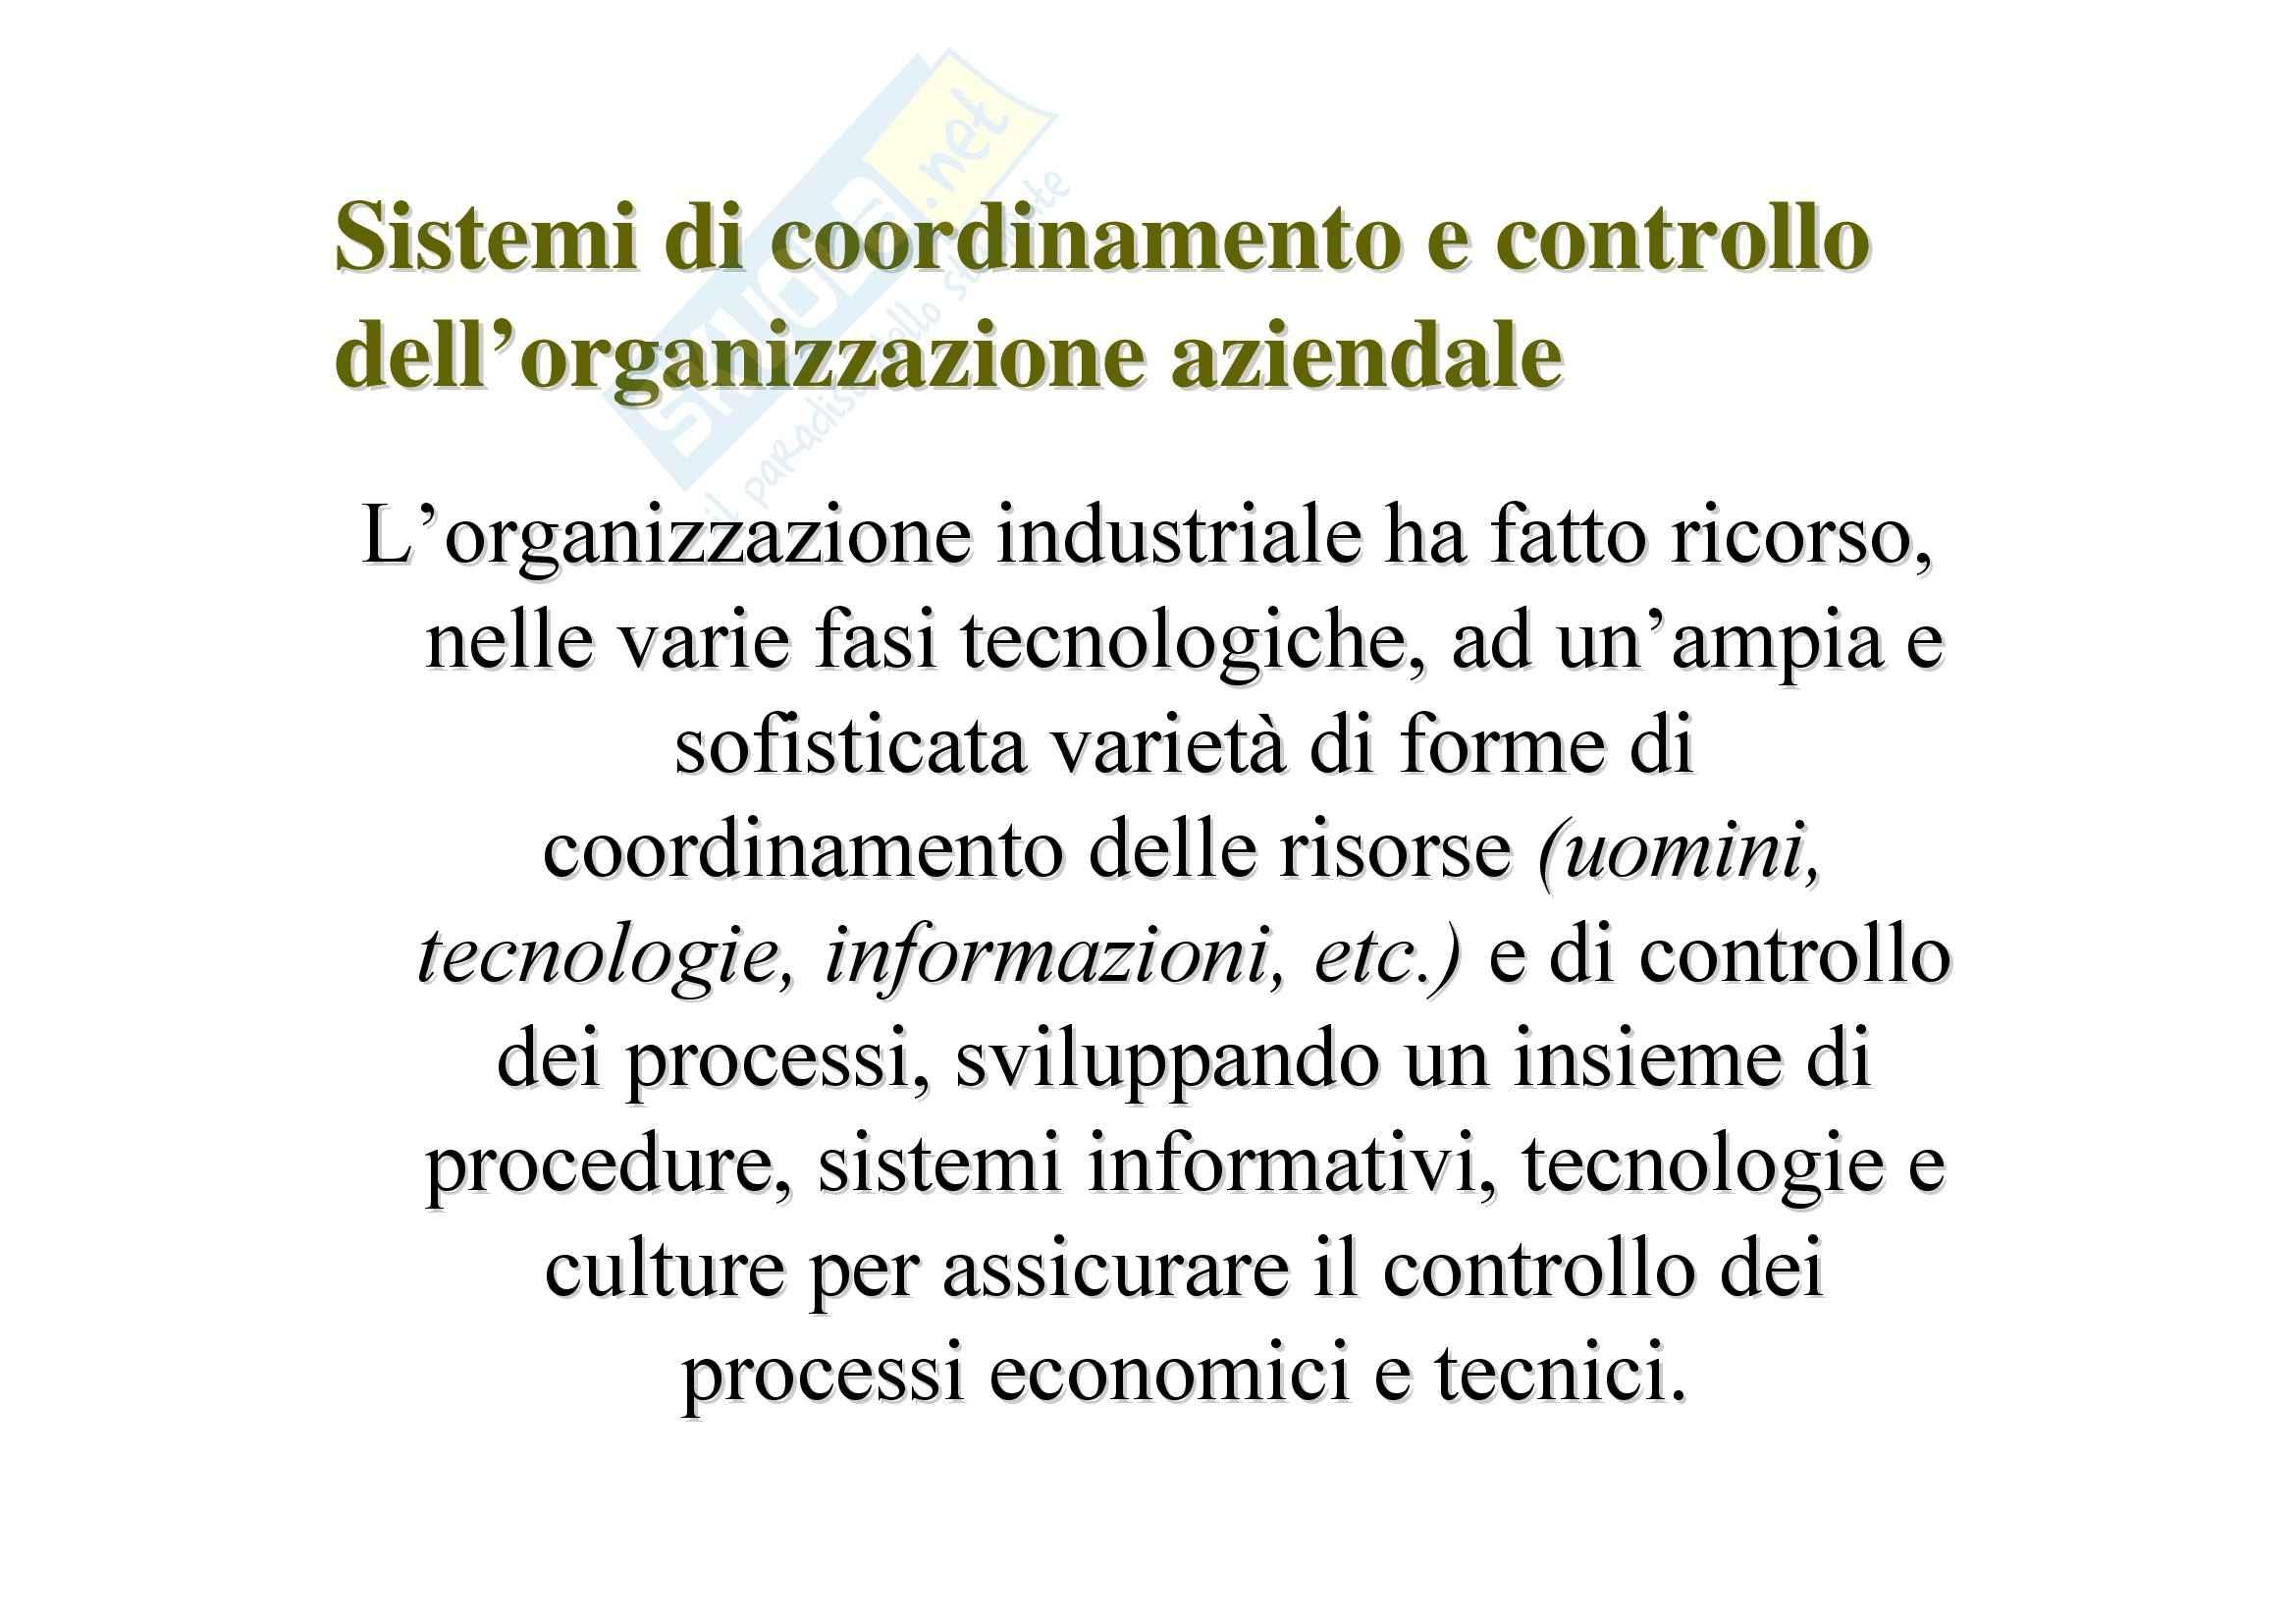 Tecnologia dei cicli produttivi - forme di coordinamento e controllo